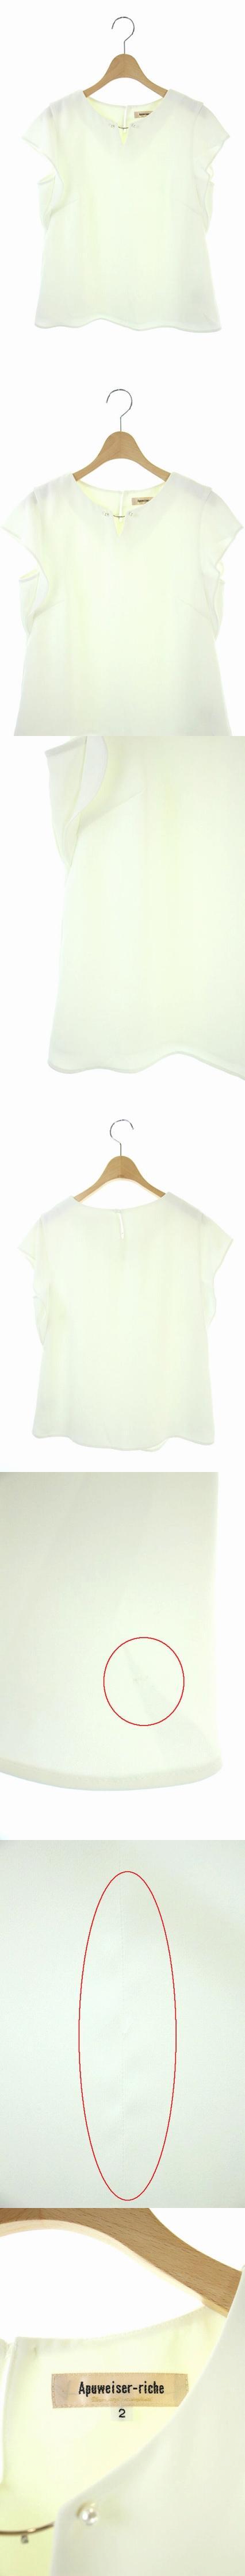 19SS ブラウス パール装飾 半袖 2 白 /KN ■OS